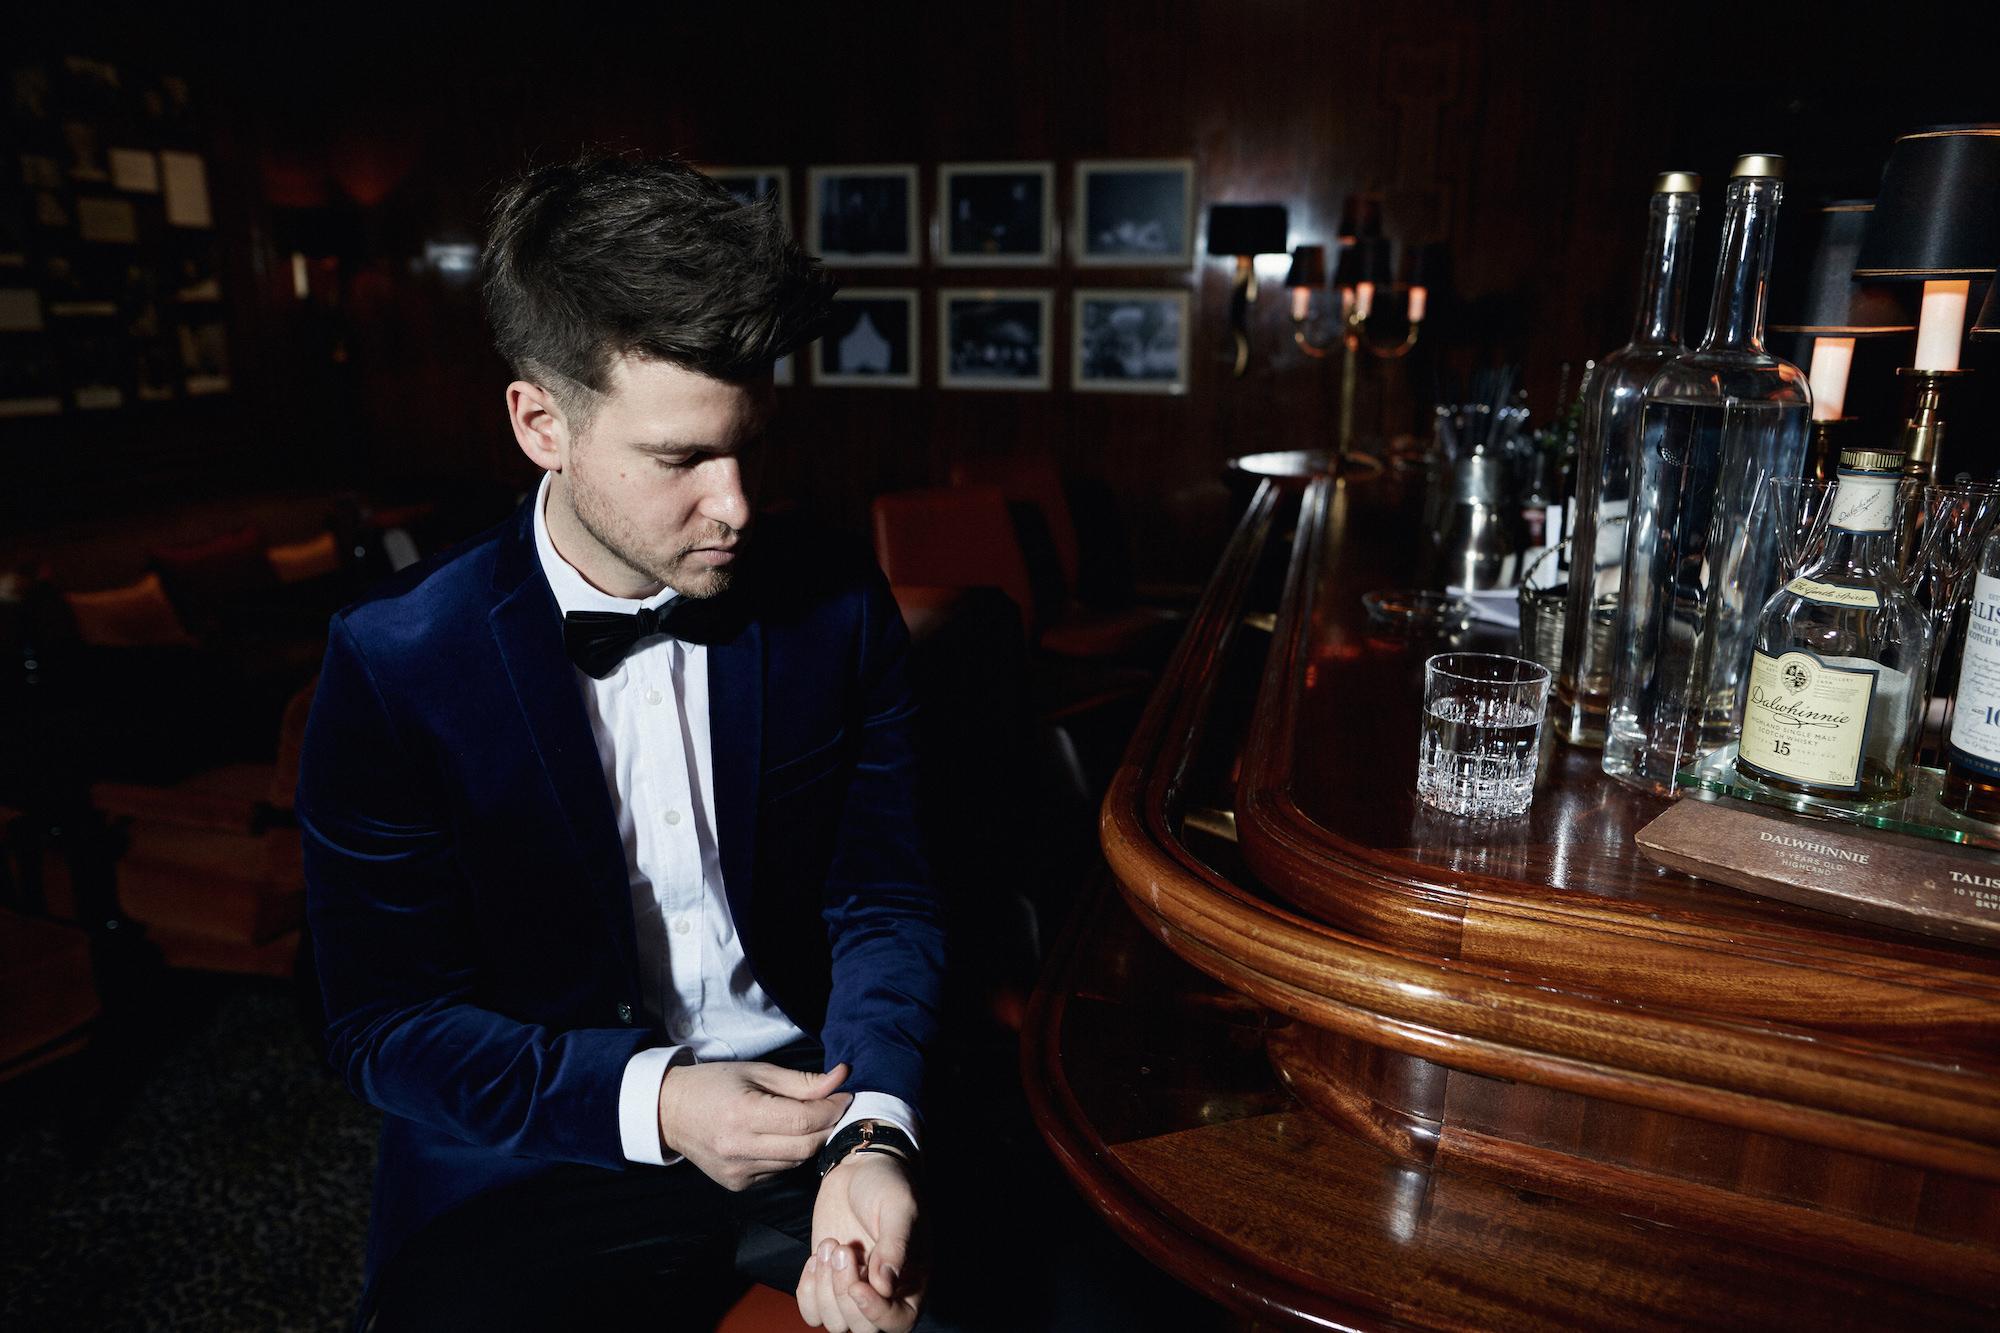 Elegantes Silvesteroutfit für Männer_Tiger of Sweden Samt Blazer_Meanwhile in Awesometown_Modeblogger_Mens Fashion und Lifestyleblogger_Wiener Blogger_Maleblogger3